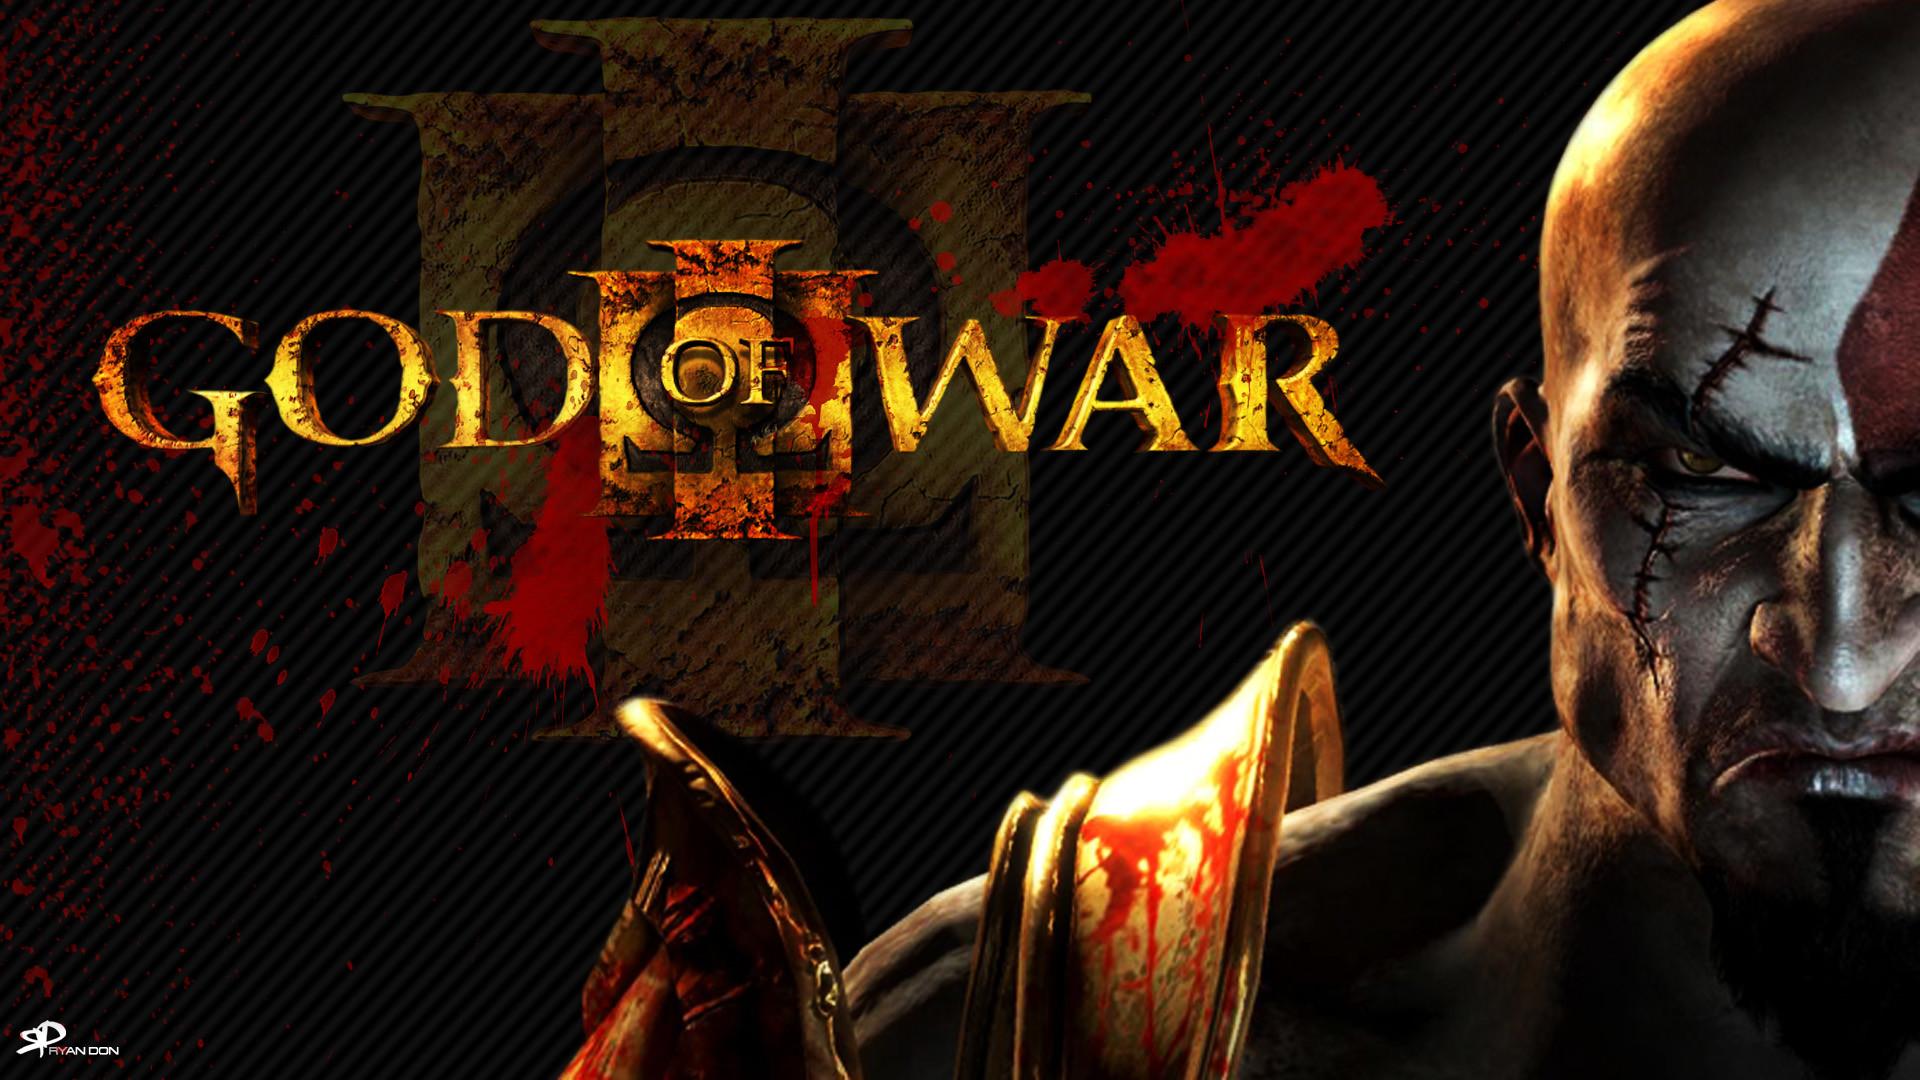 God Of War 3 Wallpaper Hd Wallpapertag